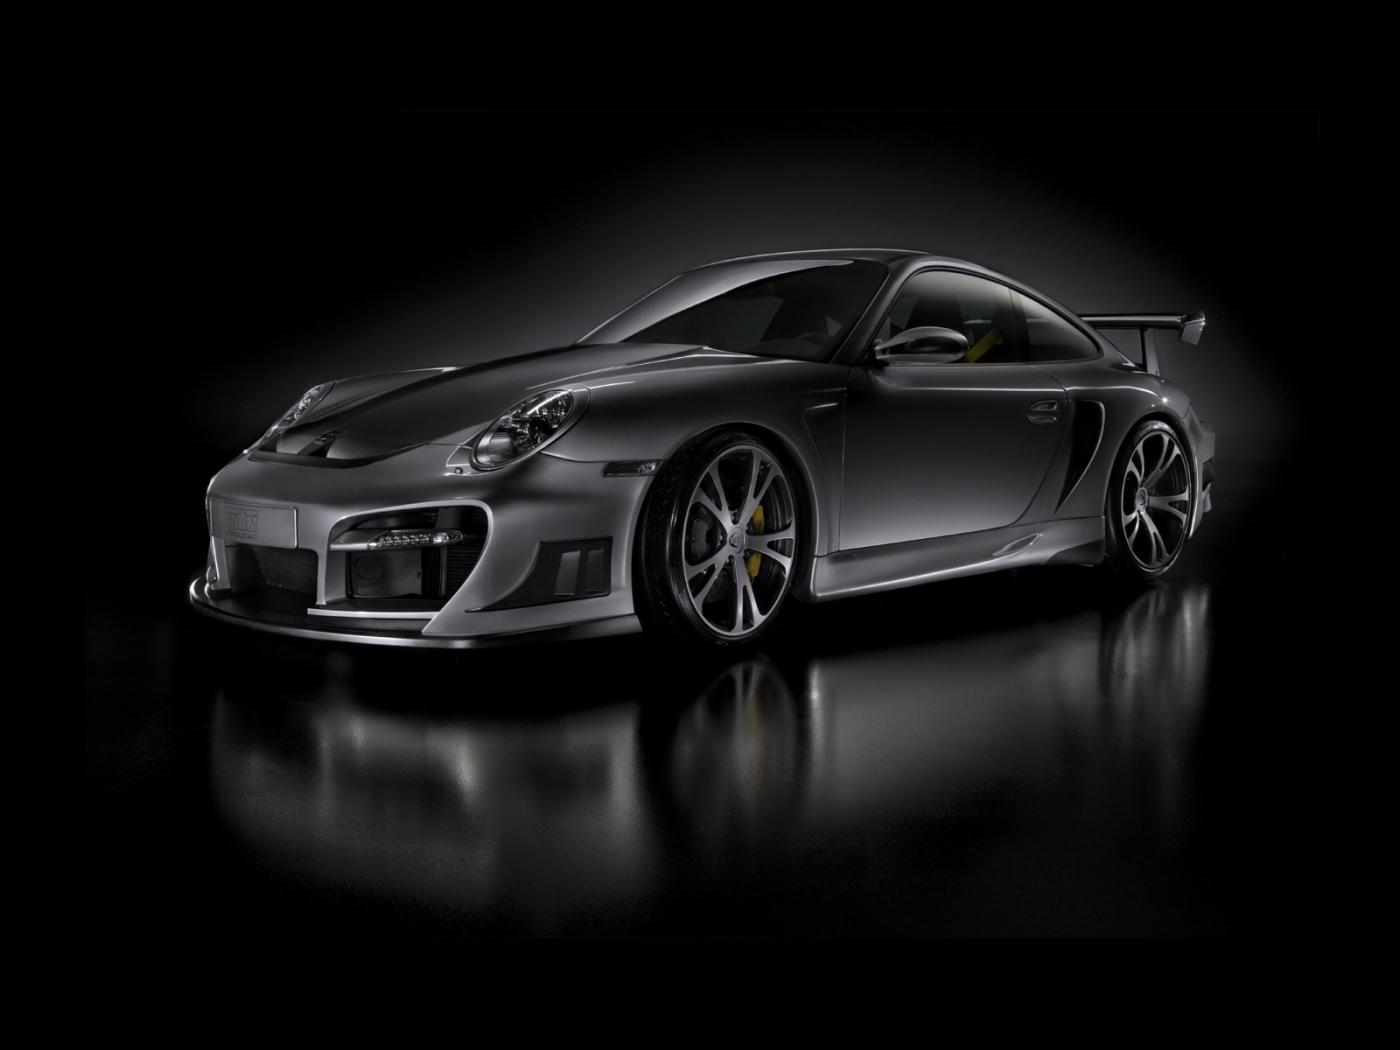 48129 скачать обои Транспорт, Машины, Порш (Porsche) - заставки и картинки бесплатно